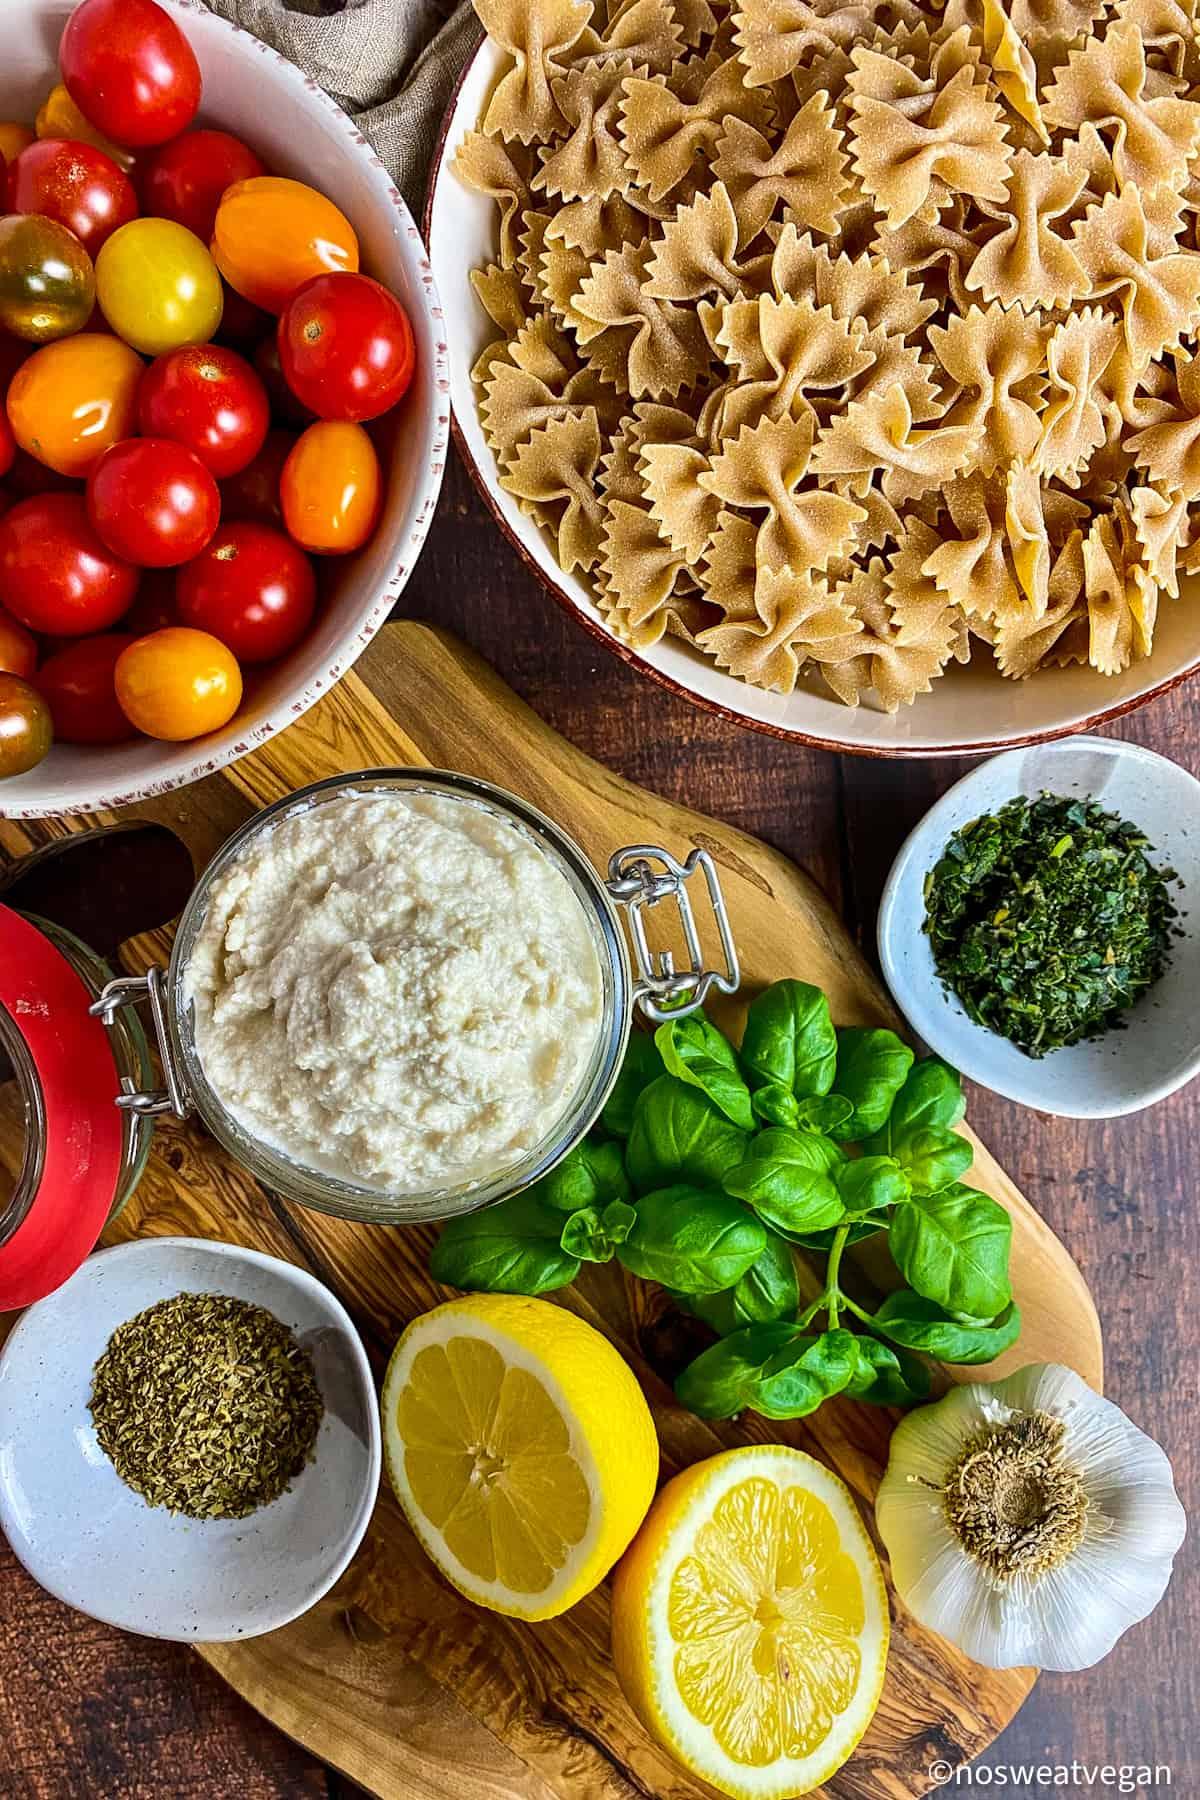 Ingredients to make the vegan baked